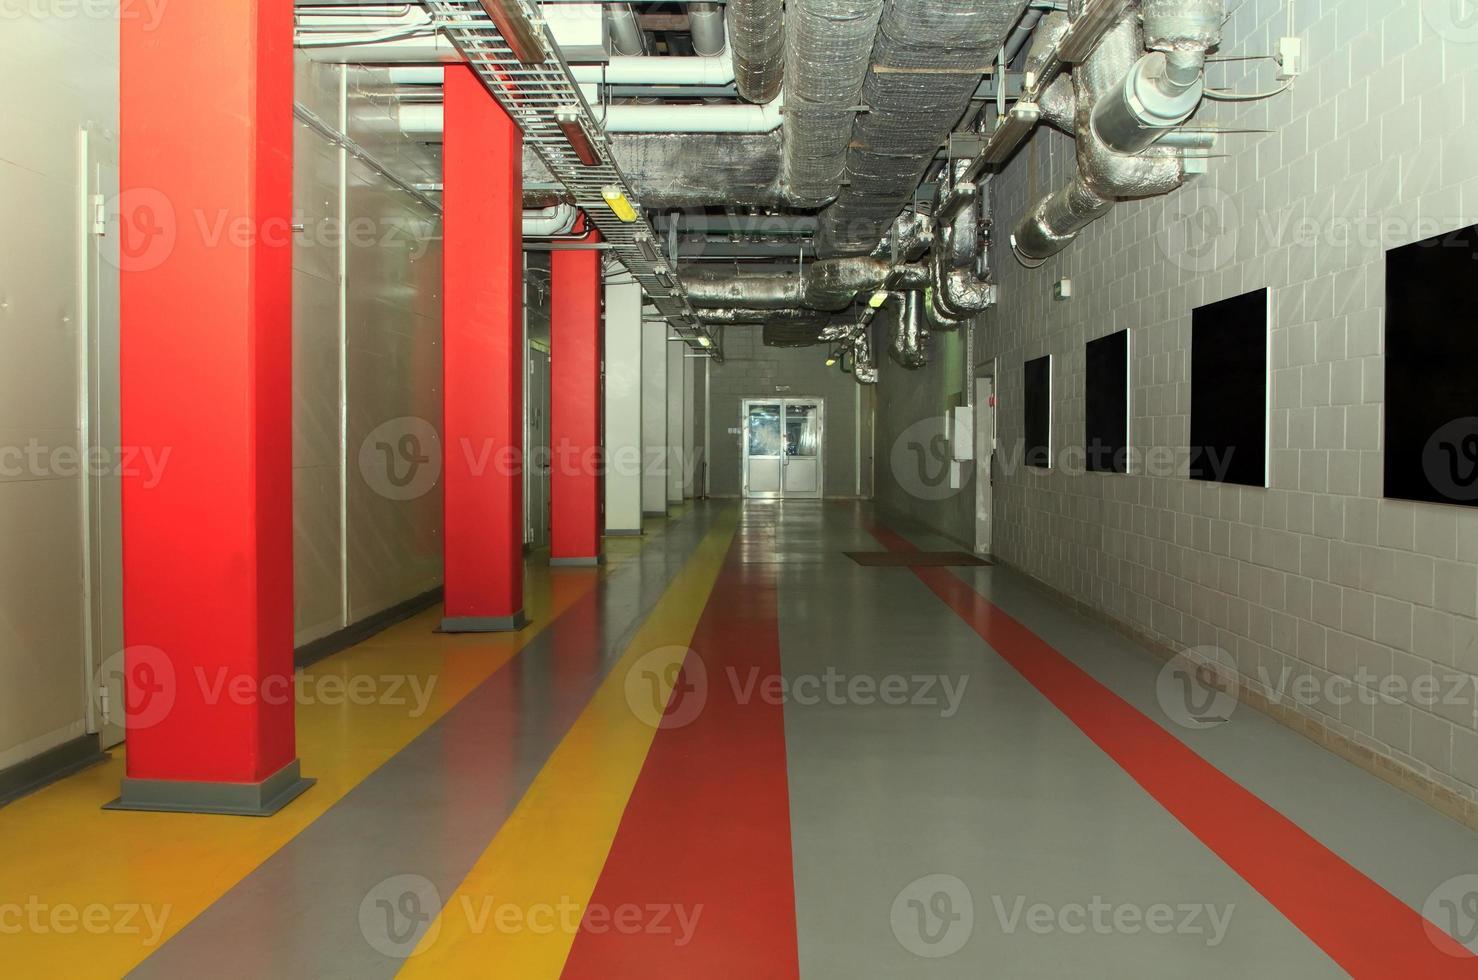 teknik korridor på fabriken foto